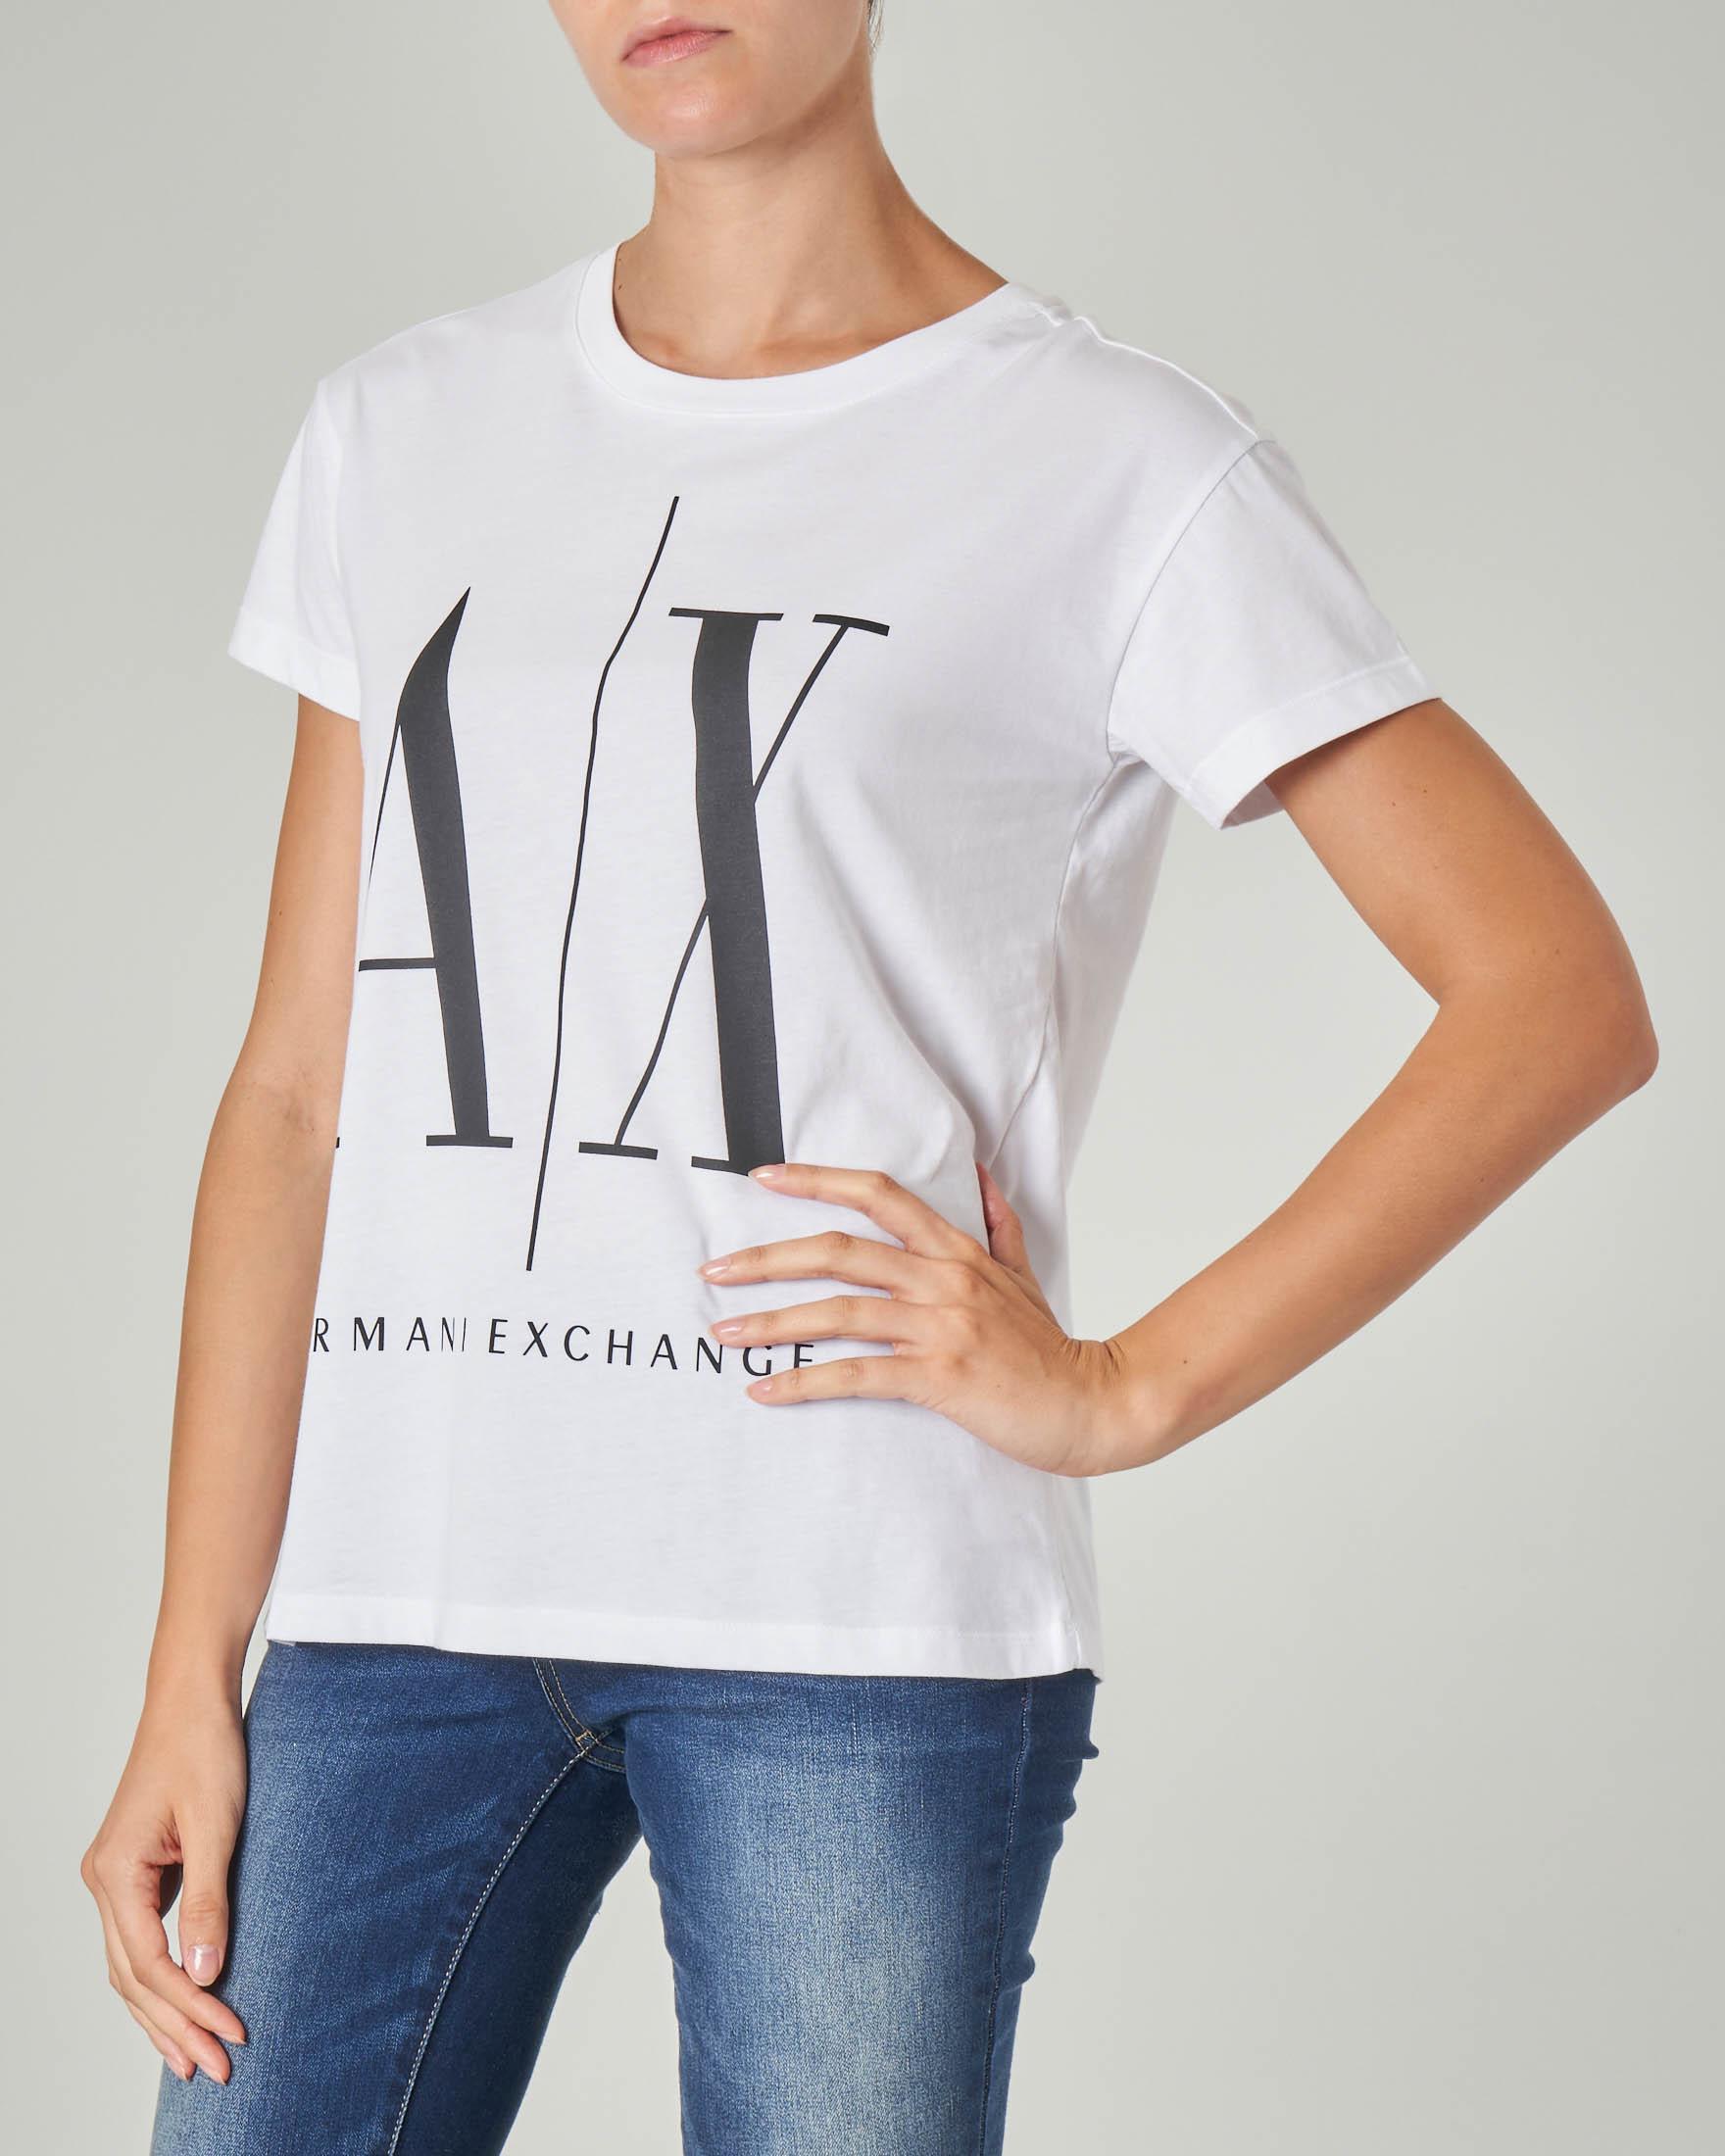 T-shirt bianca in cotone con maxi scritta logo stampata a contrasto